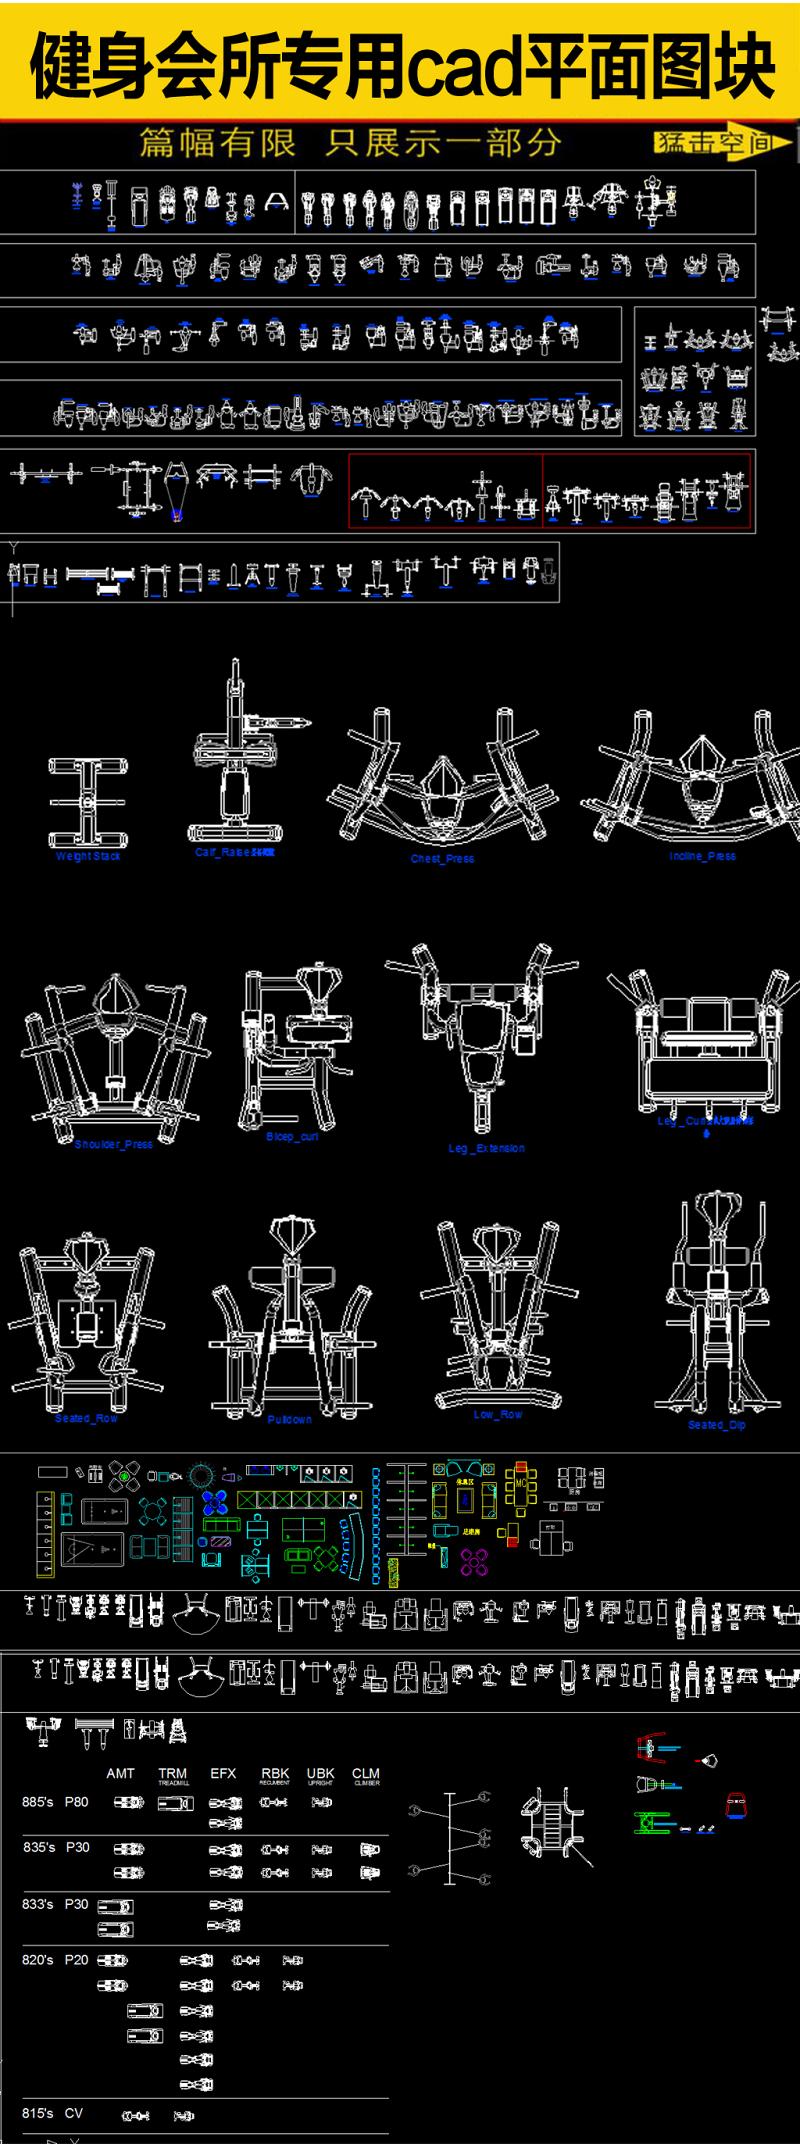 原创健身瑜珈会所专用器材CAD图库大全-版权可商用